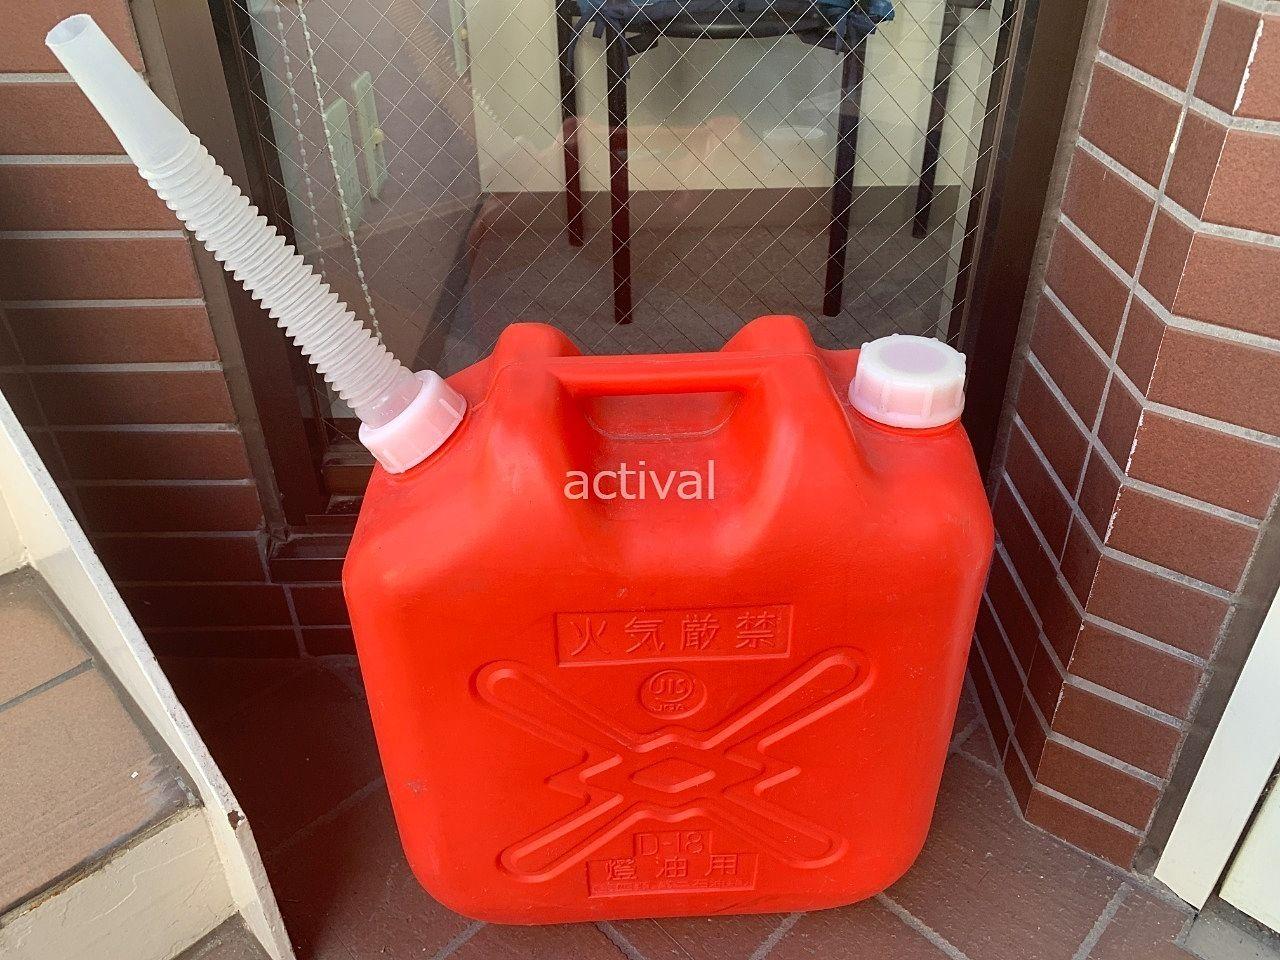 当社の月極駐車場管理で使っている水を入れるポリタンクです。